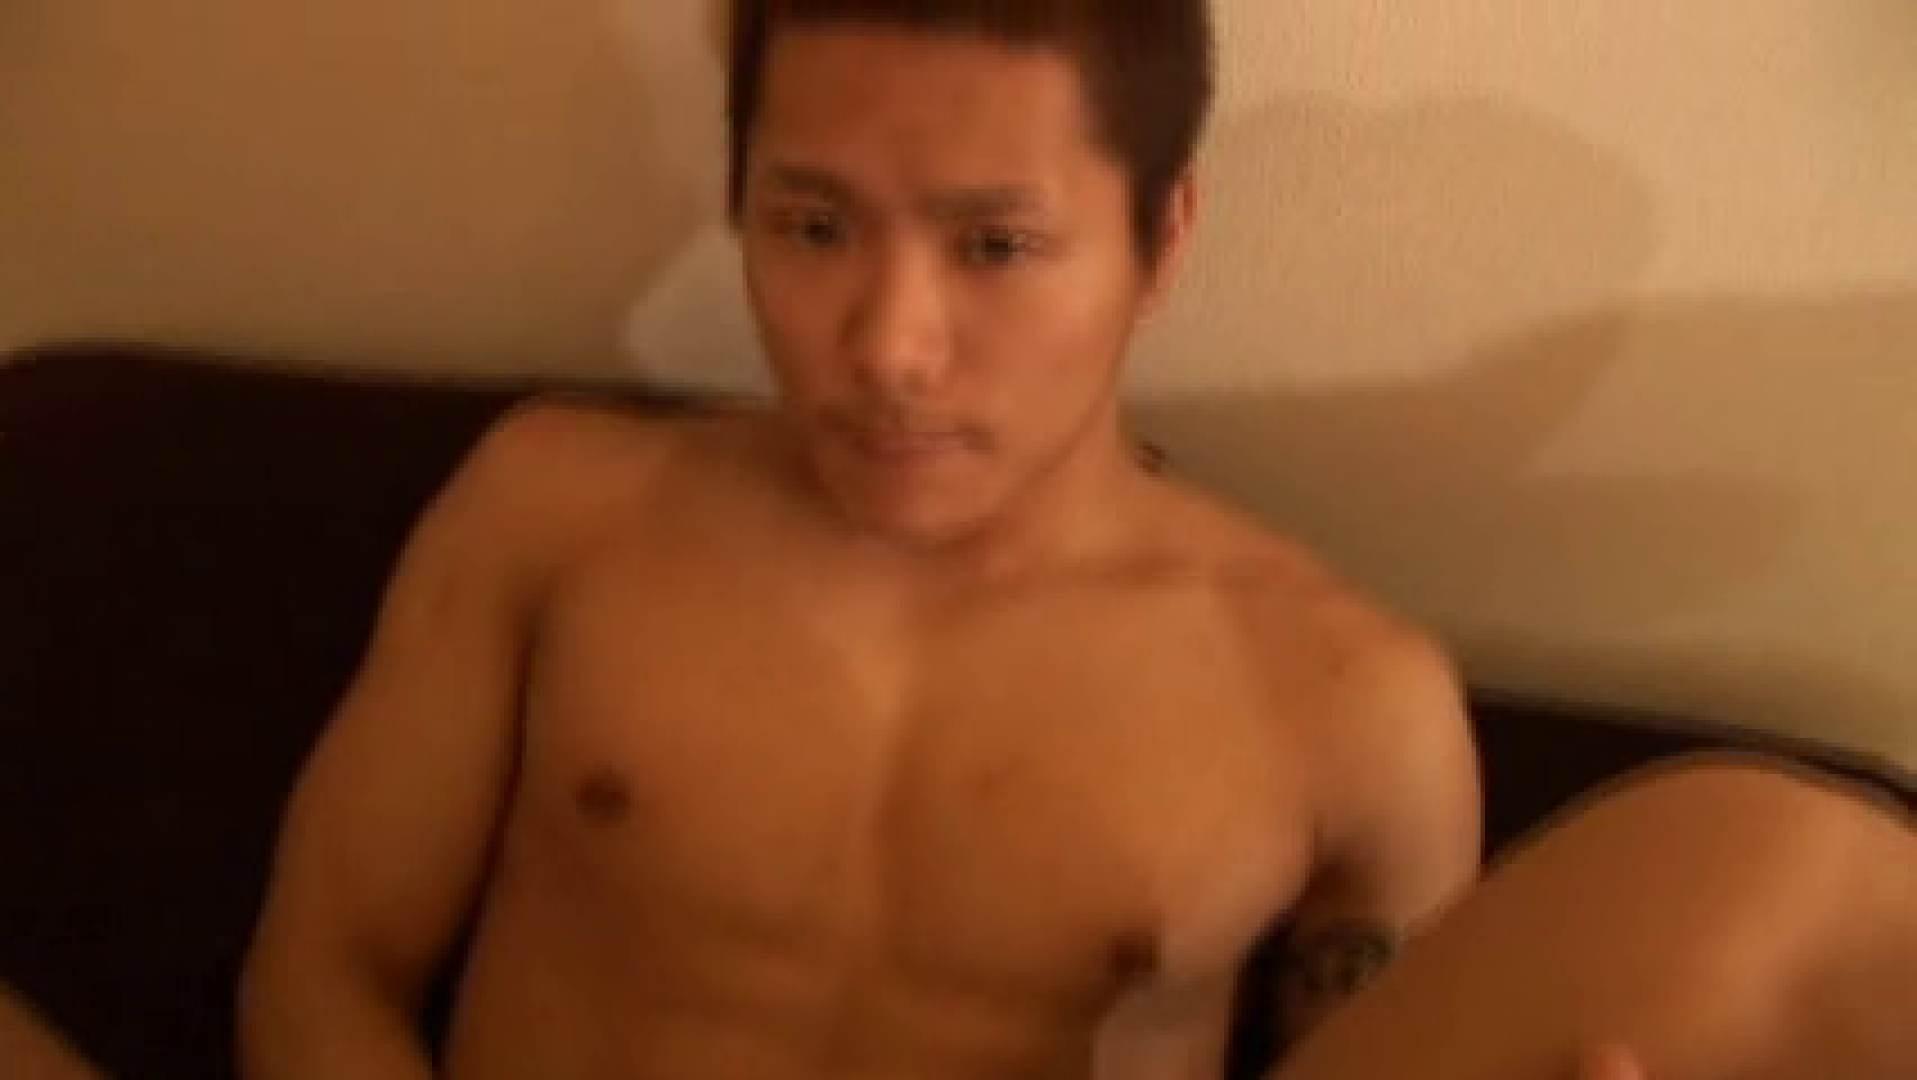 イケメン!!炸裂 Muscle  Stick!! その3 オナニー ゲイ無料エロ画像 110pic 51